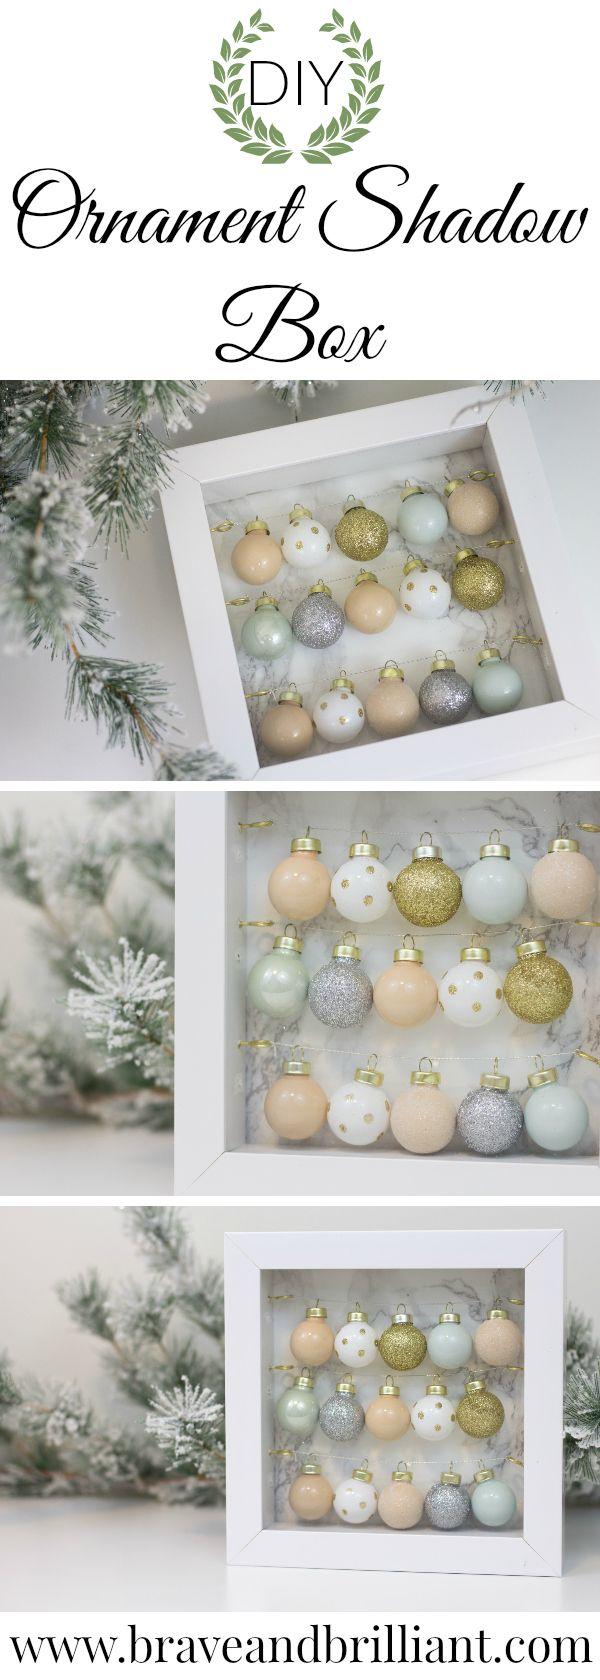 DIY Ornament Shadow Box!